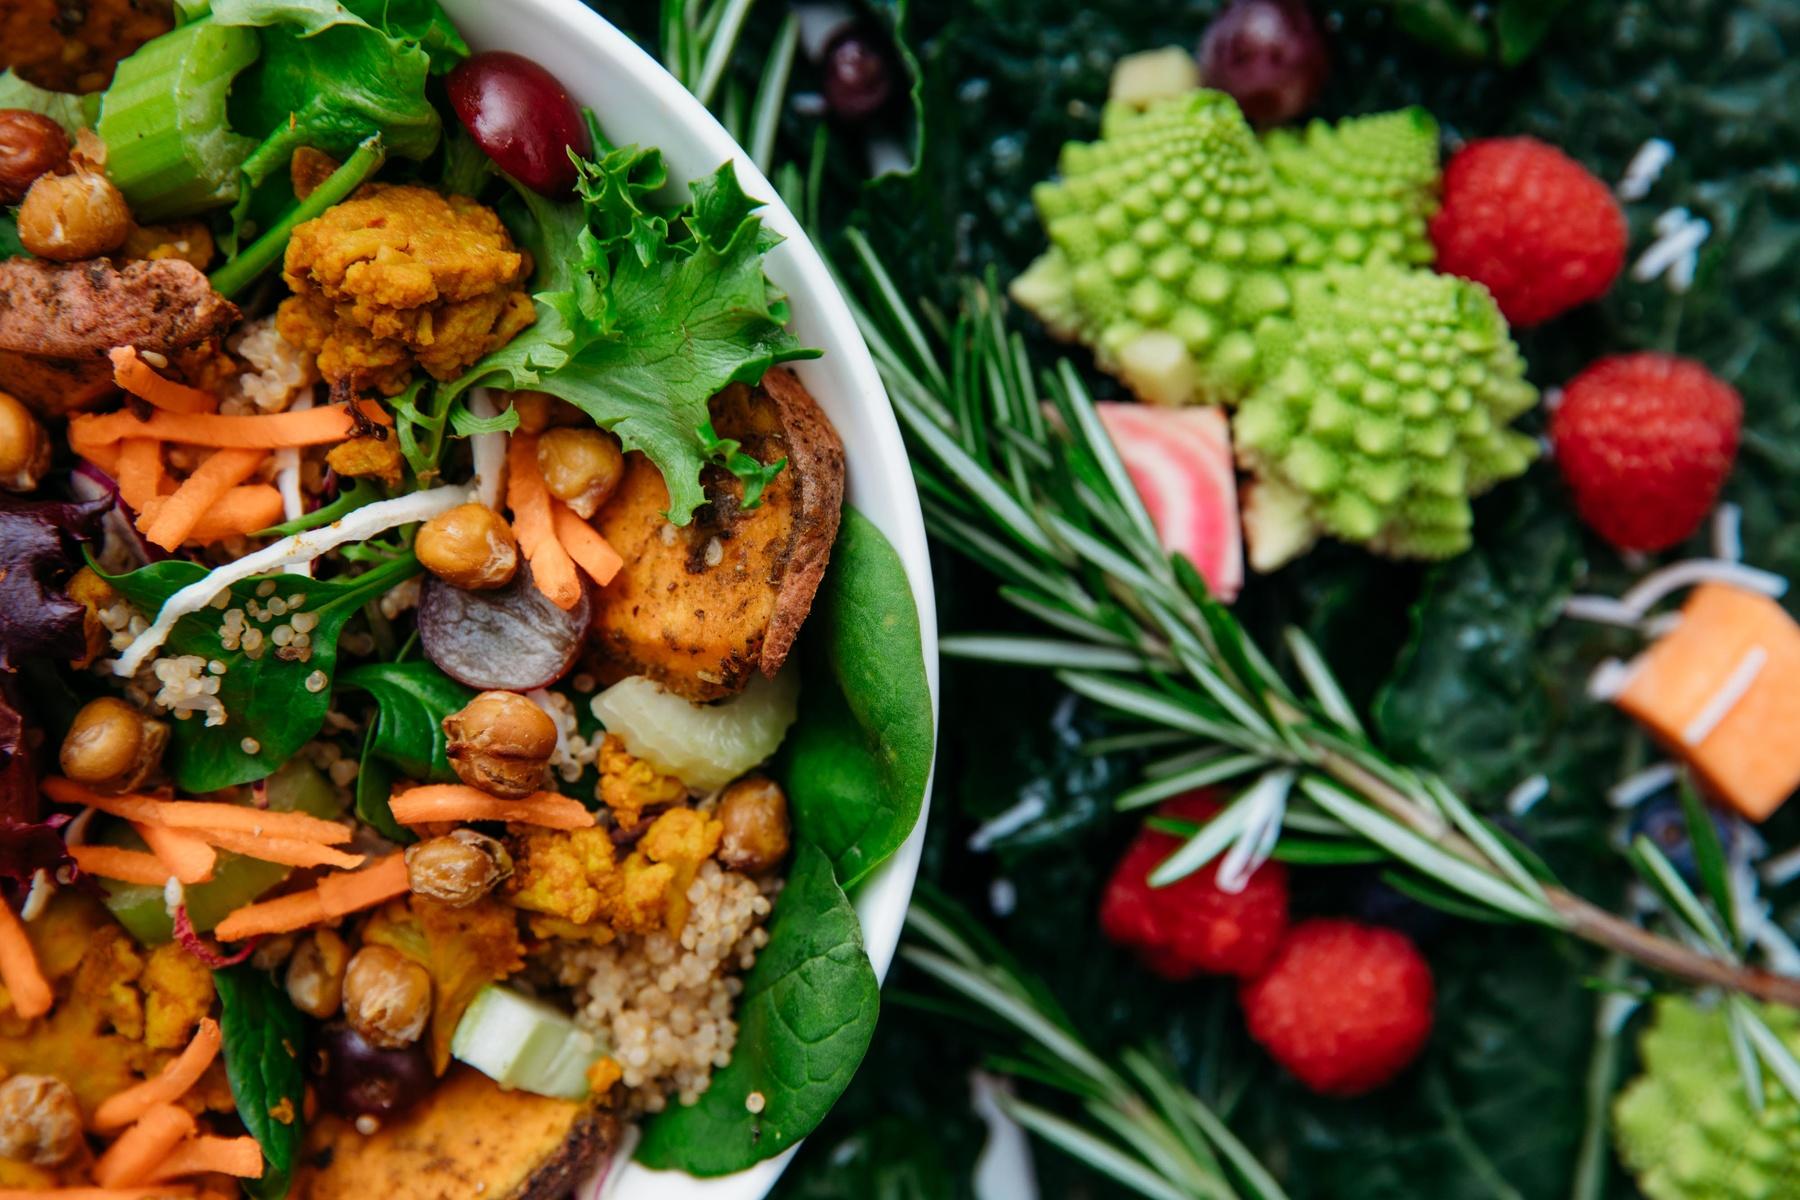 6 اصل مهم عکاسی مواد غذایی که به عکسهای شما طعم دلچسبی میدهد!